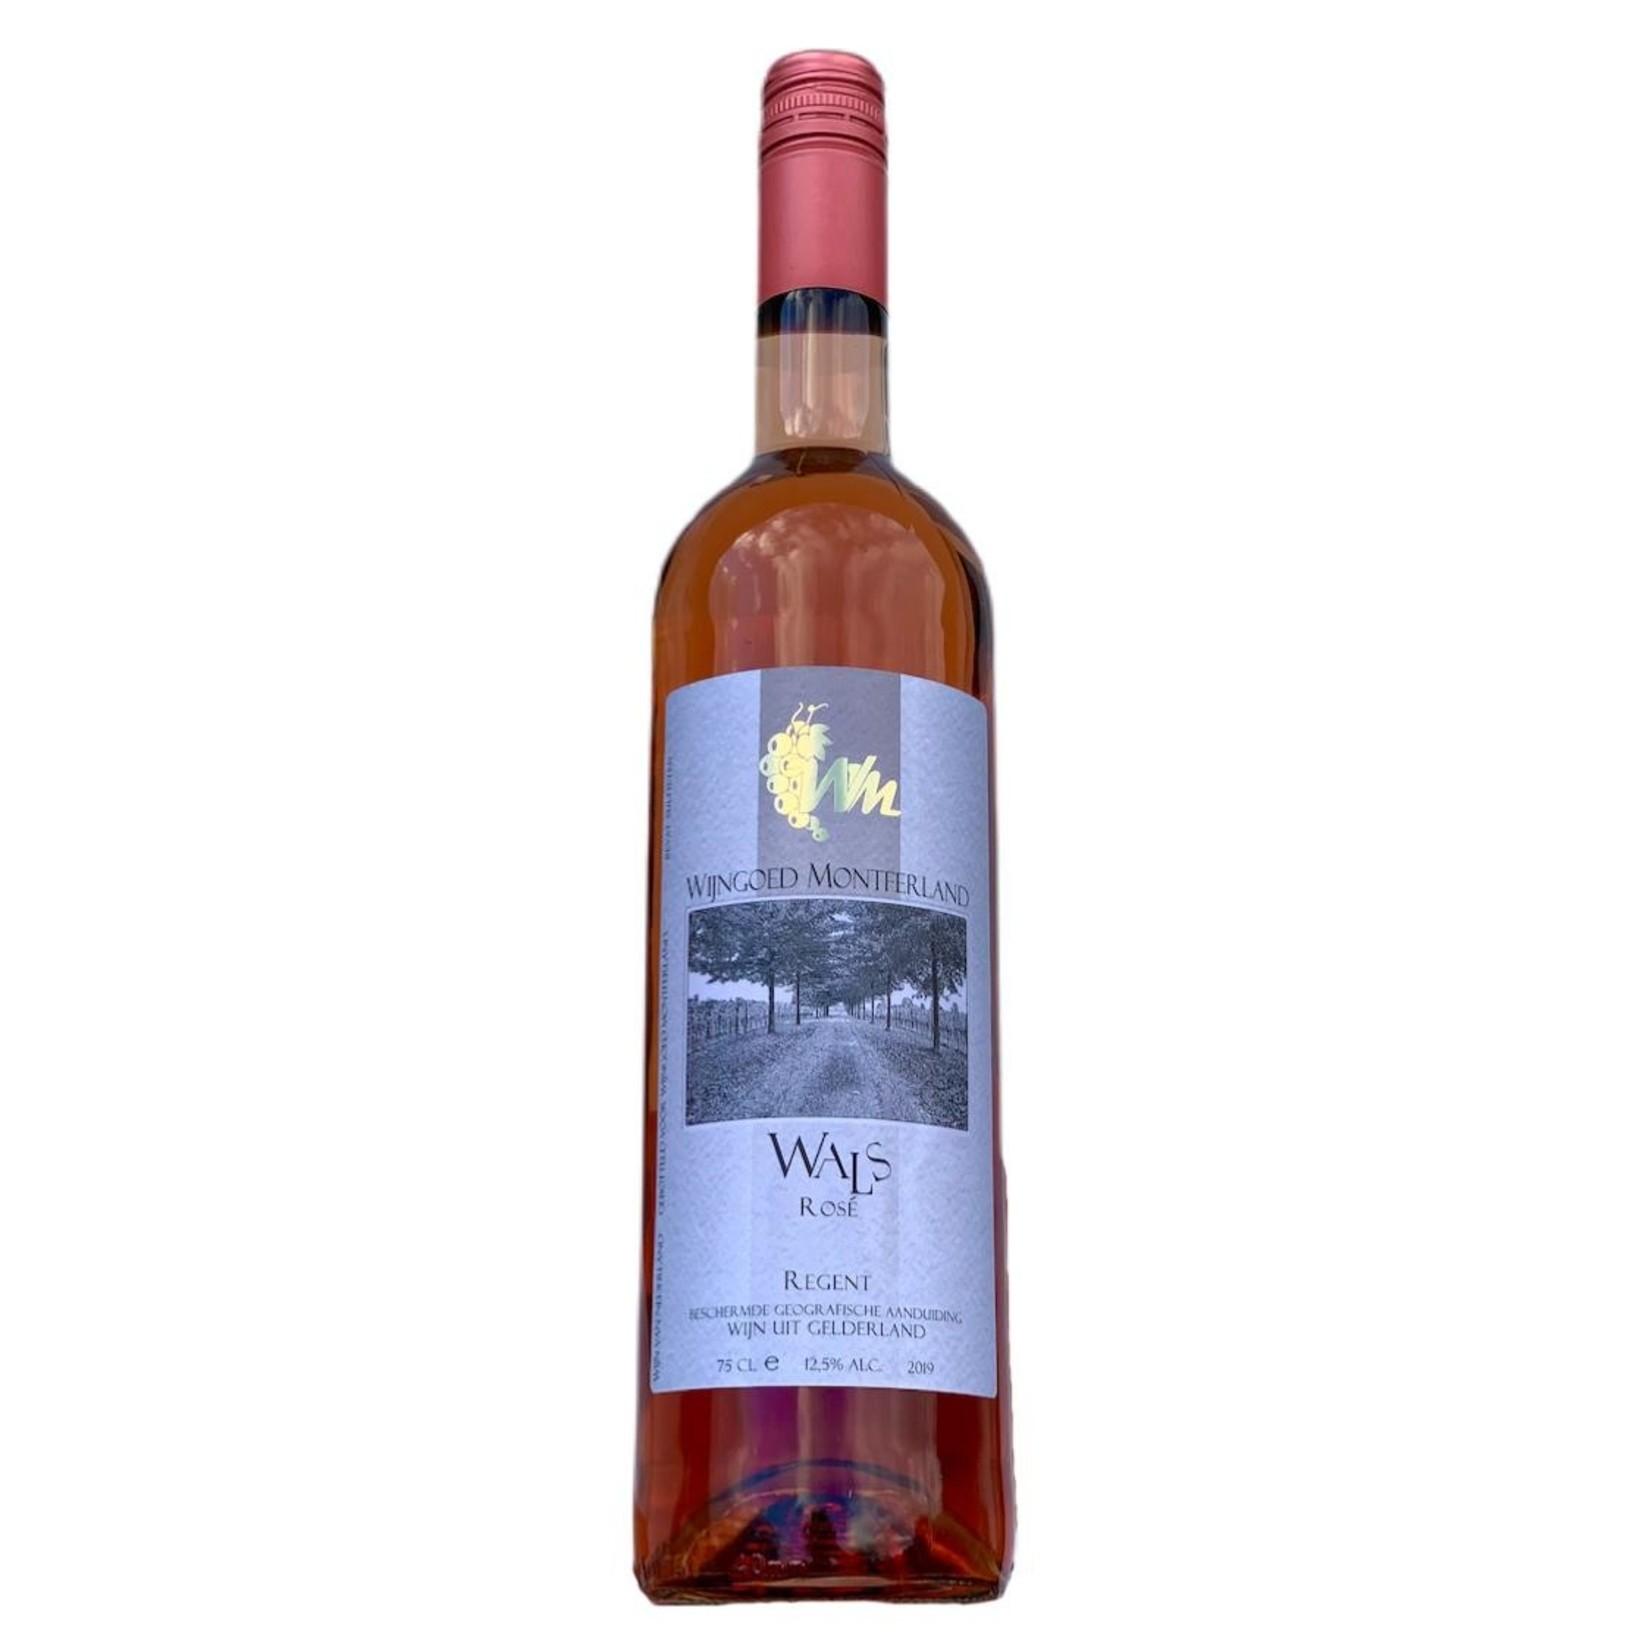 Wals Rose Regent (Wijngoed Montferland)